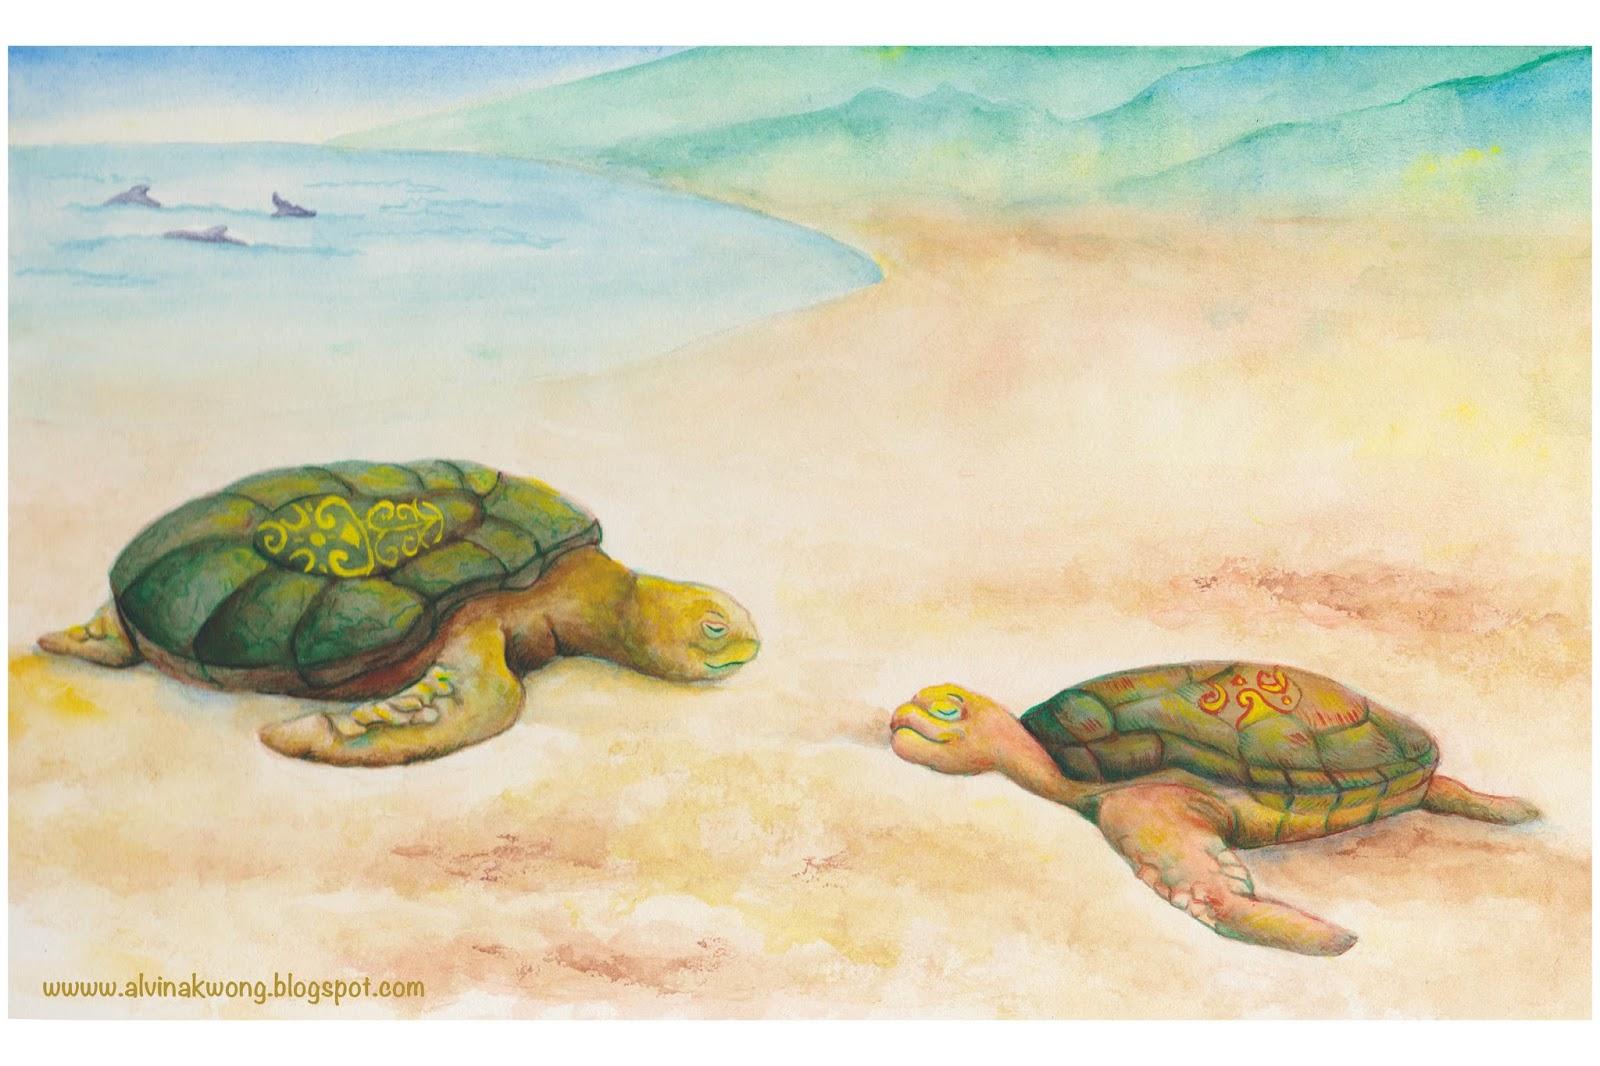 turtles web.jpg